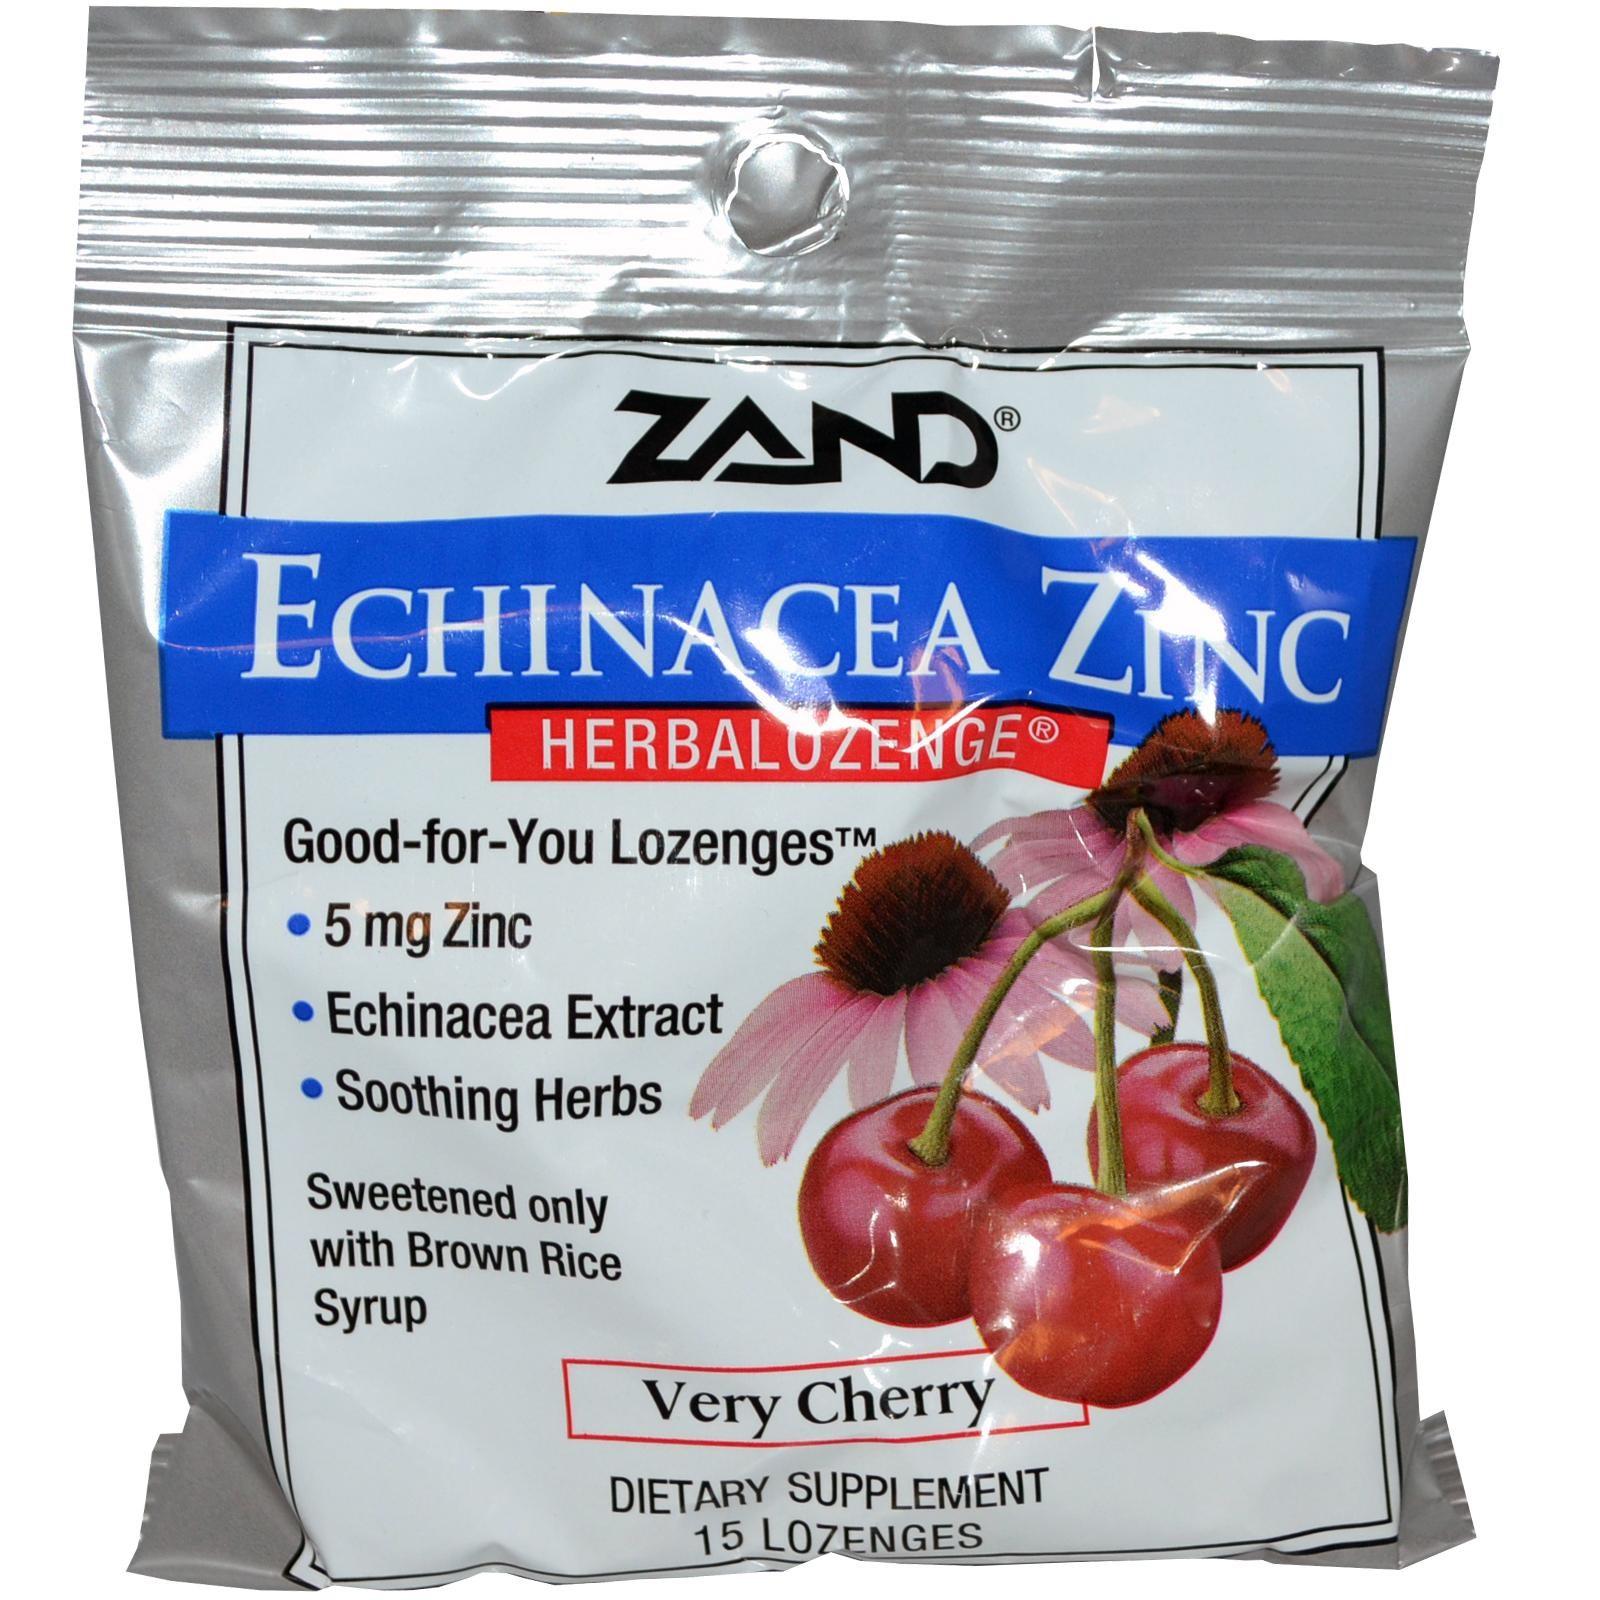 Zand, エキナセア亜鉛, Herbalozenge, サクランボ風, 15錠